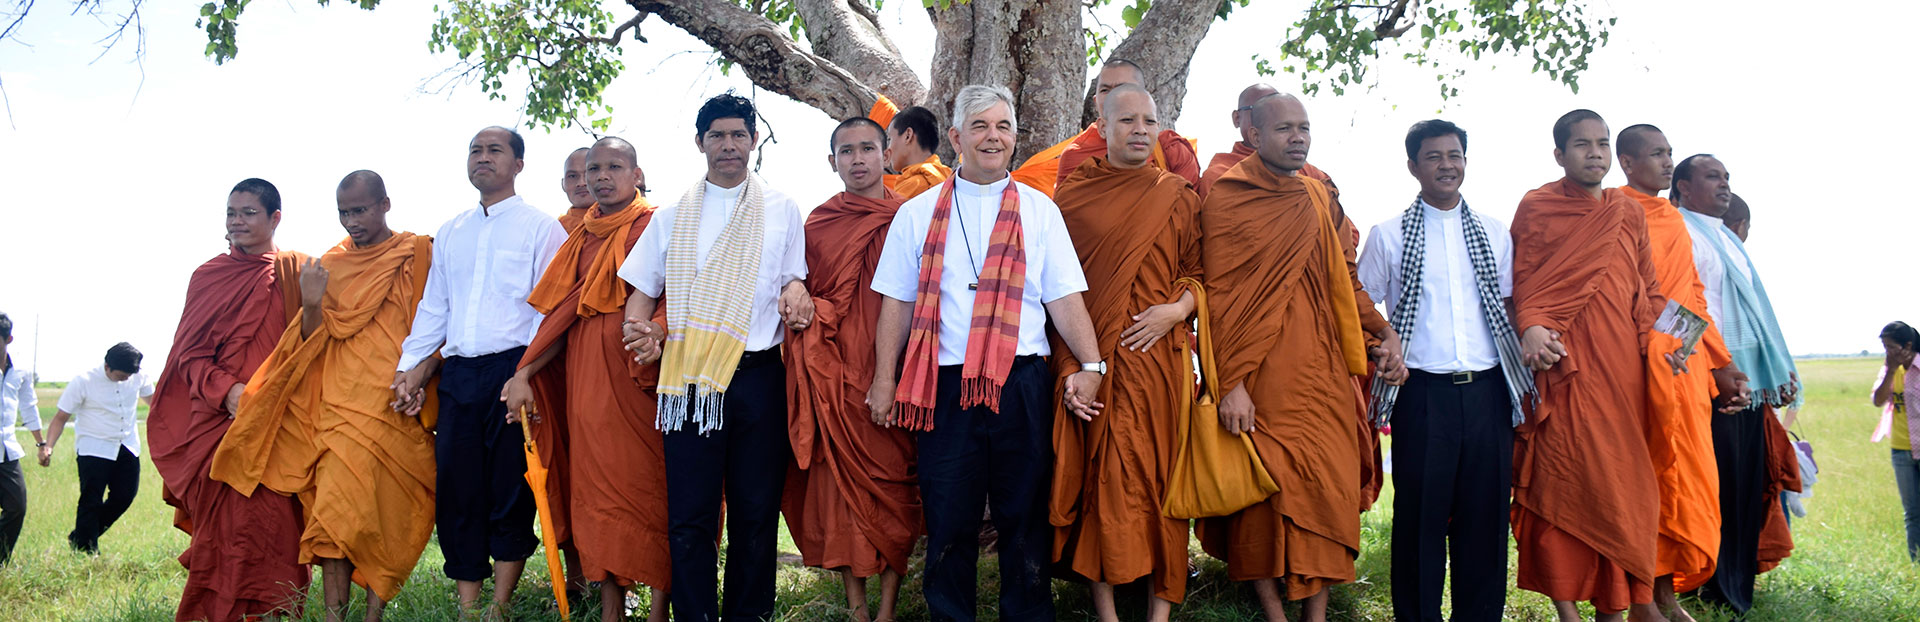 Construire une Église d'espérance au Cambodge